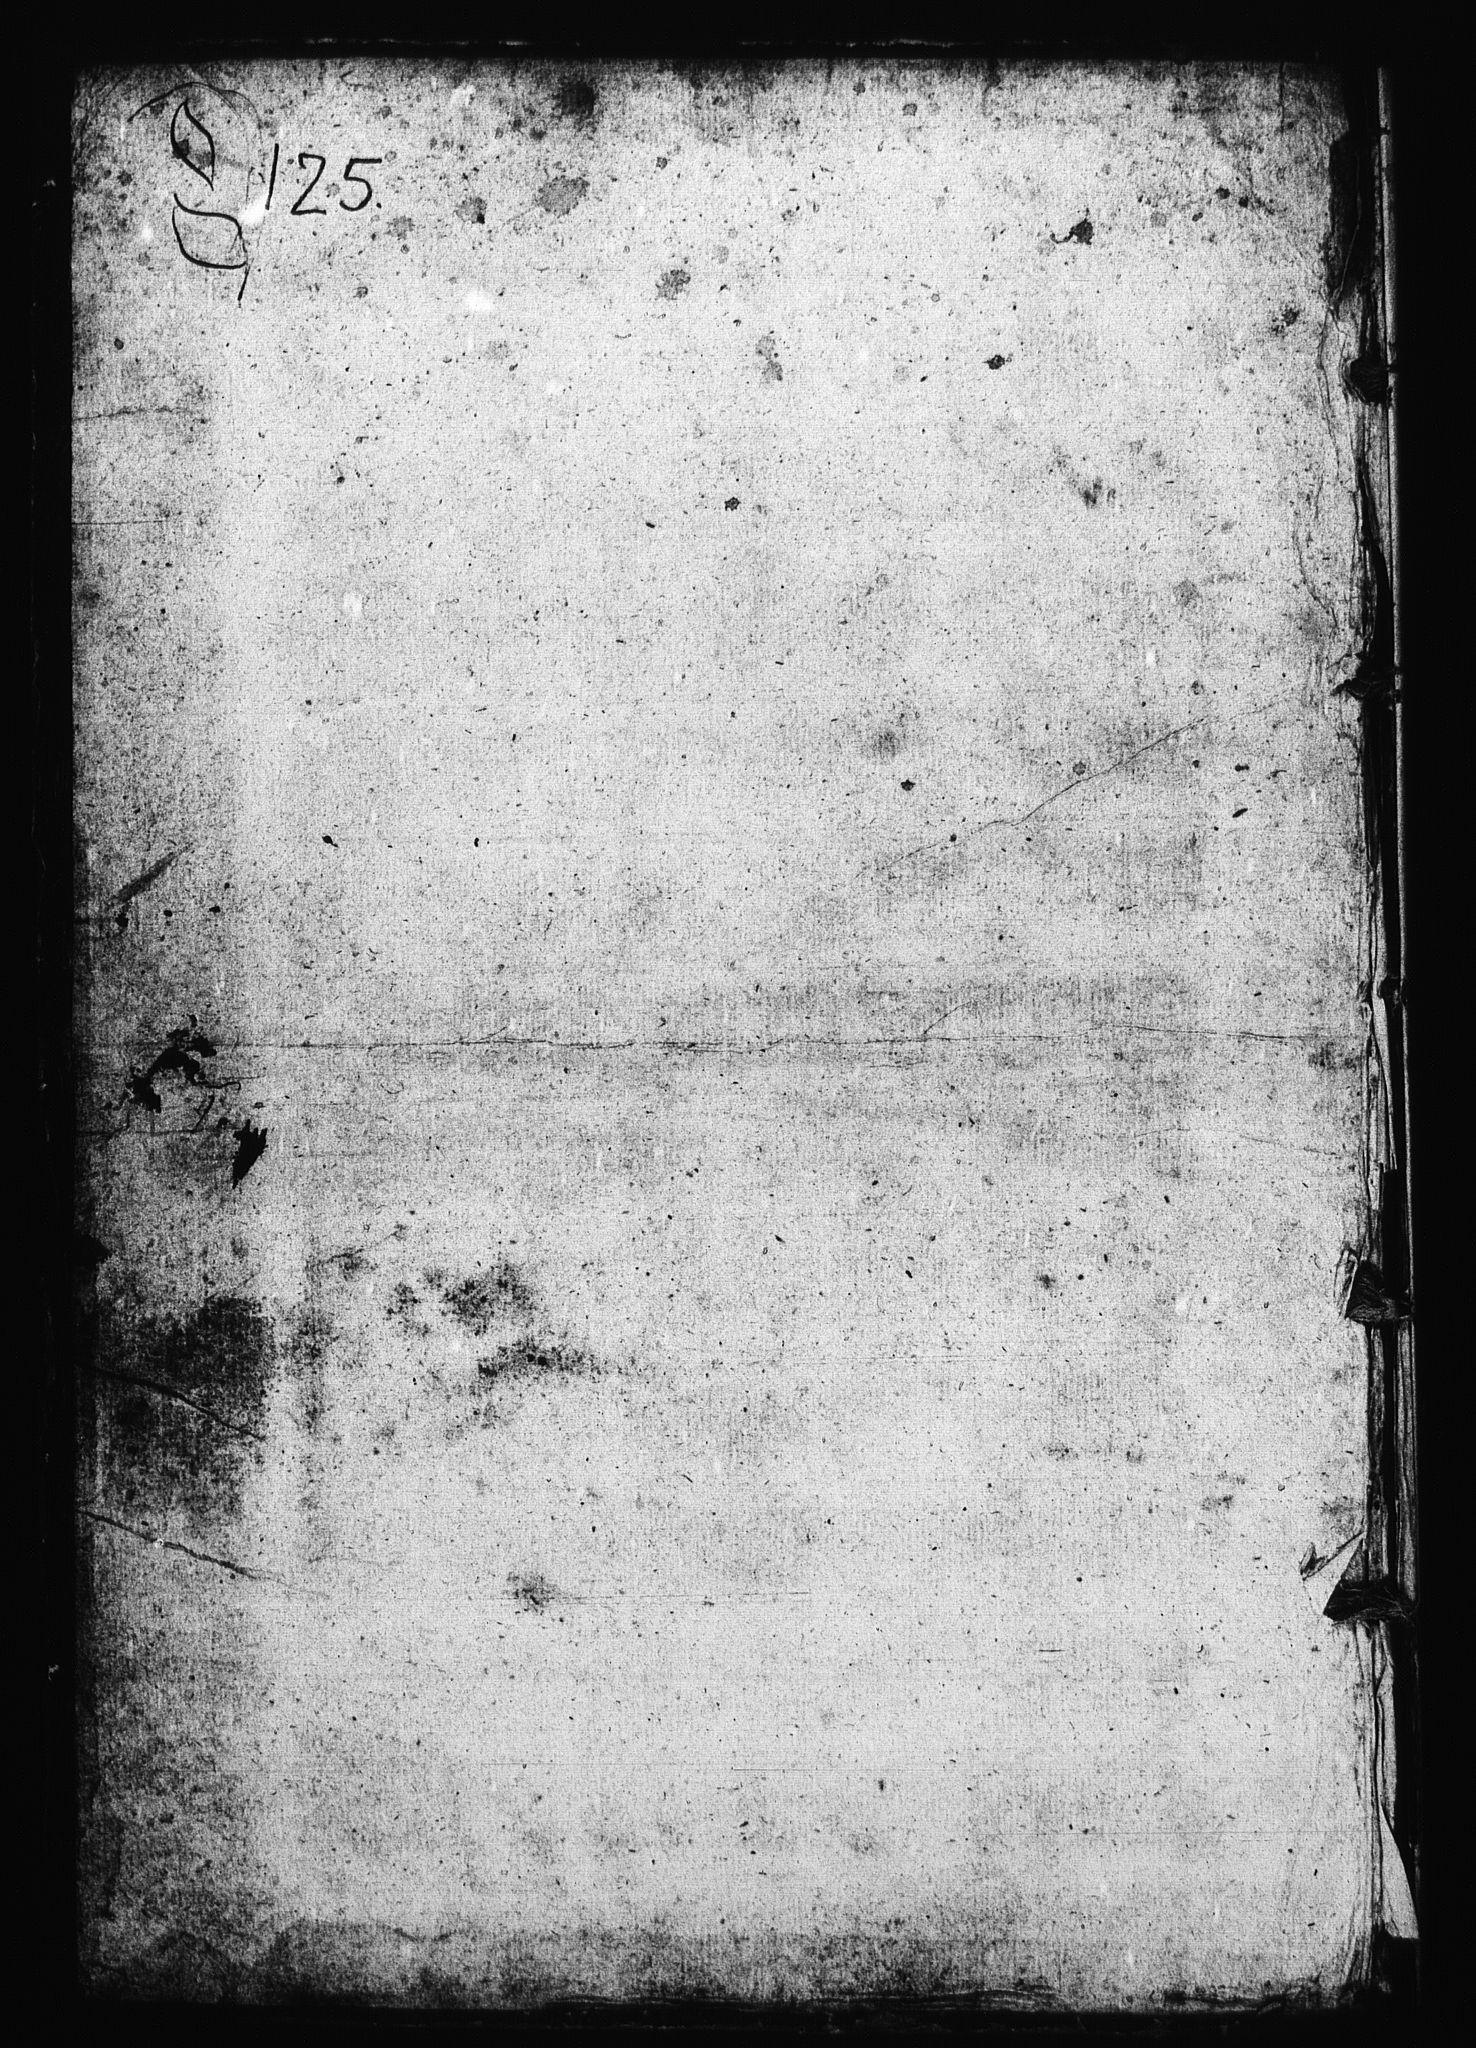 RA, Sjøetaten, F/L0126: Bragernes distrikt, bind 2, 1799